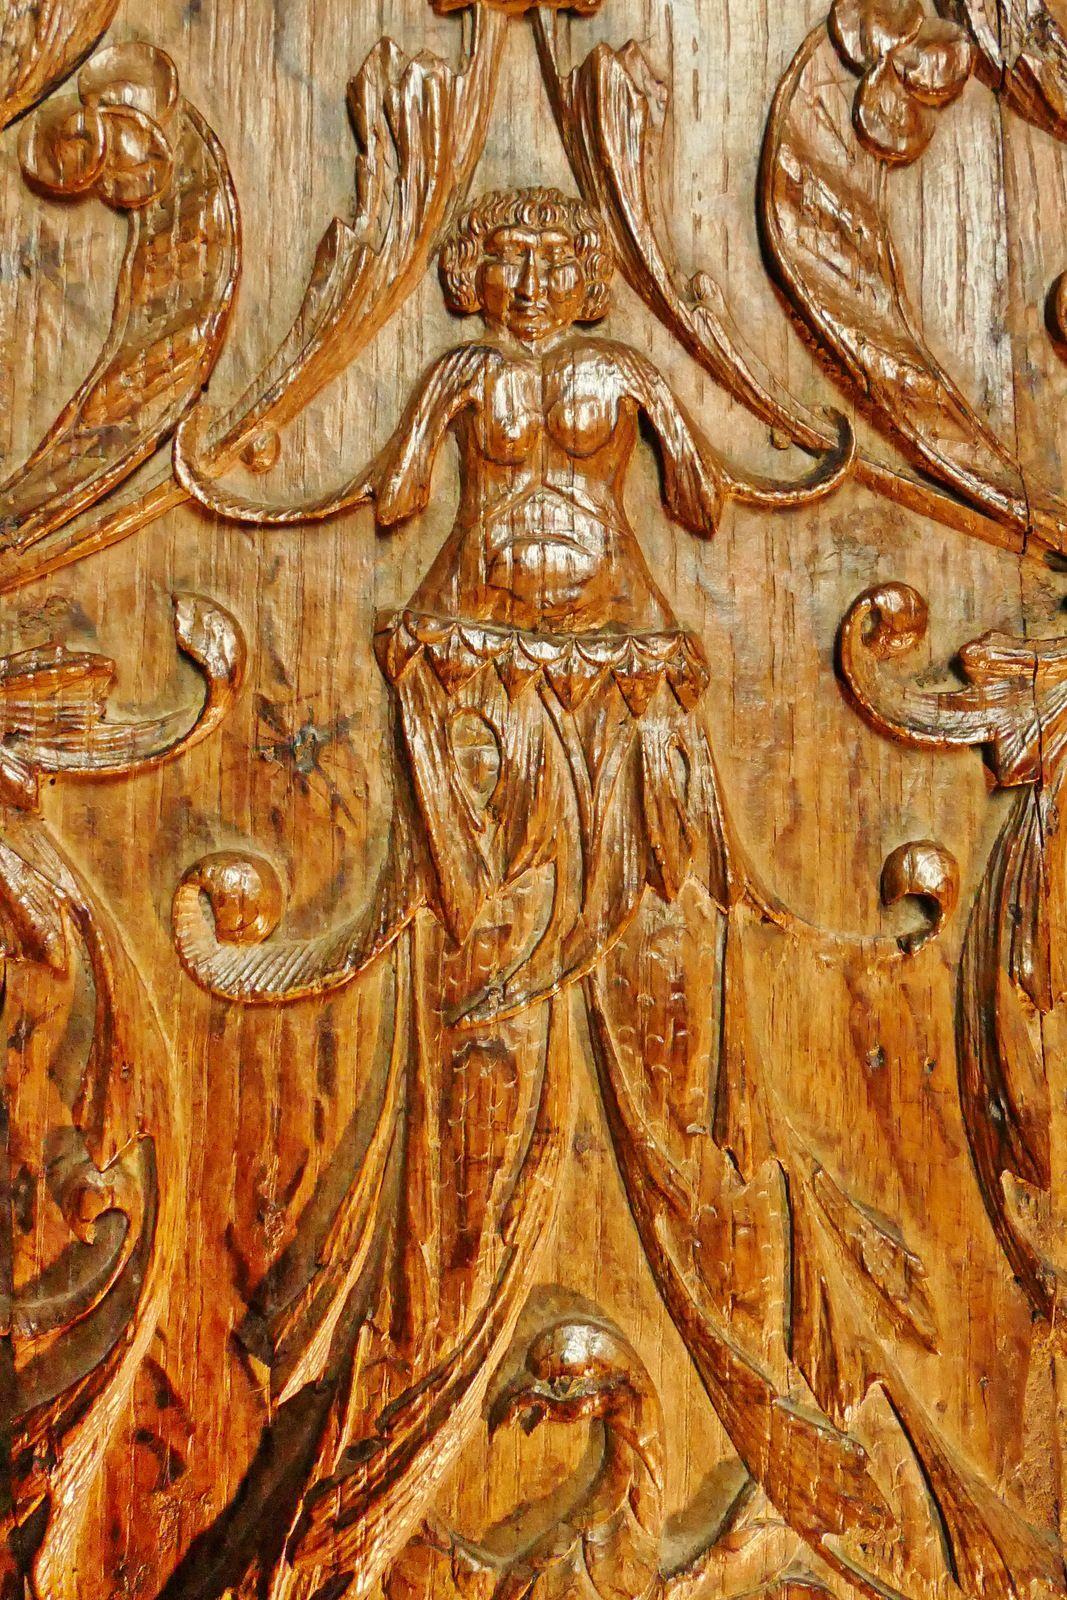 Dorsaux des stalles nord (chêne, vers 1518-1525) de l'ancienne collégiale de La Guerche-de-Bretagne. Photographie lavieb-aile octobre 2020.